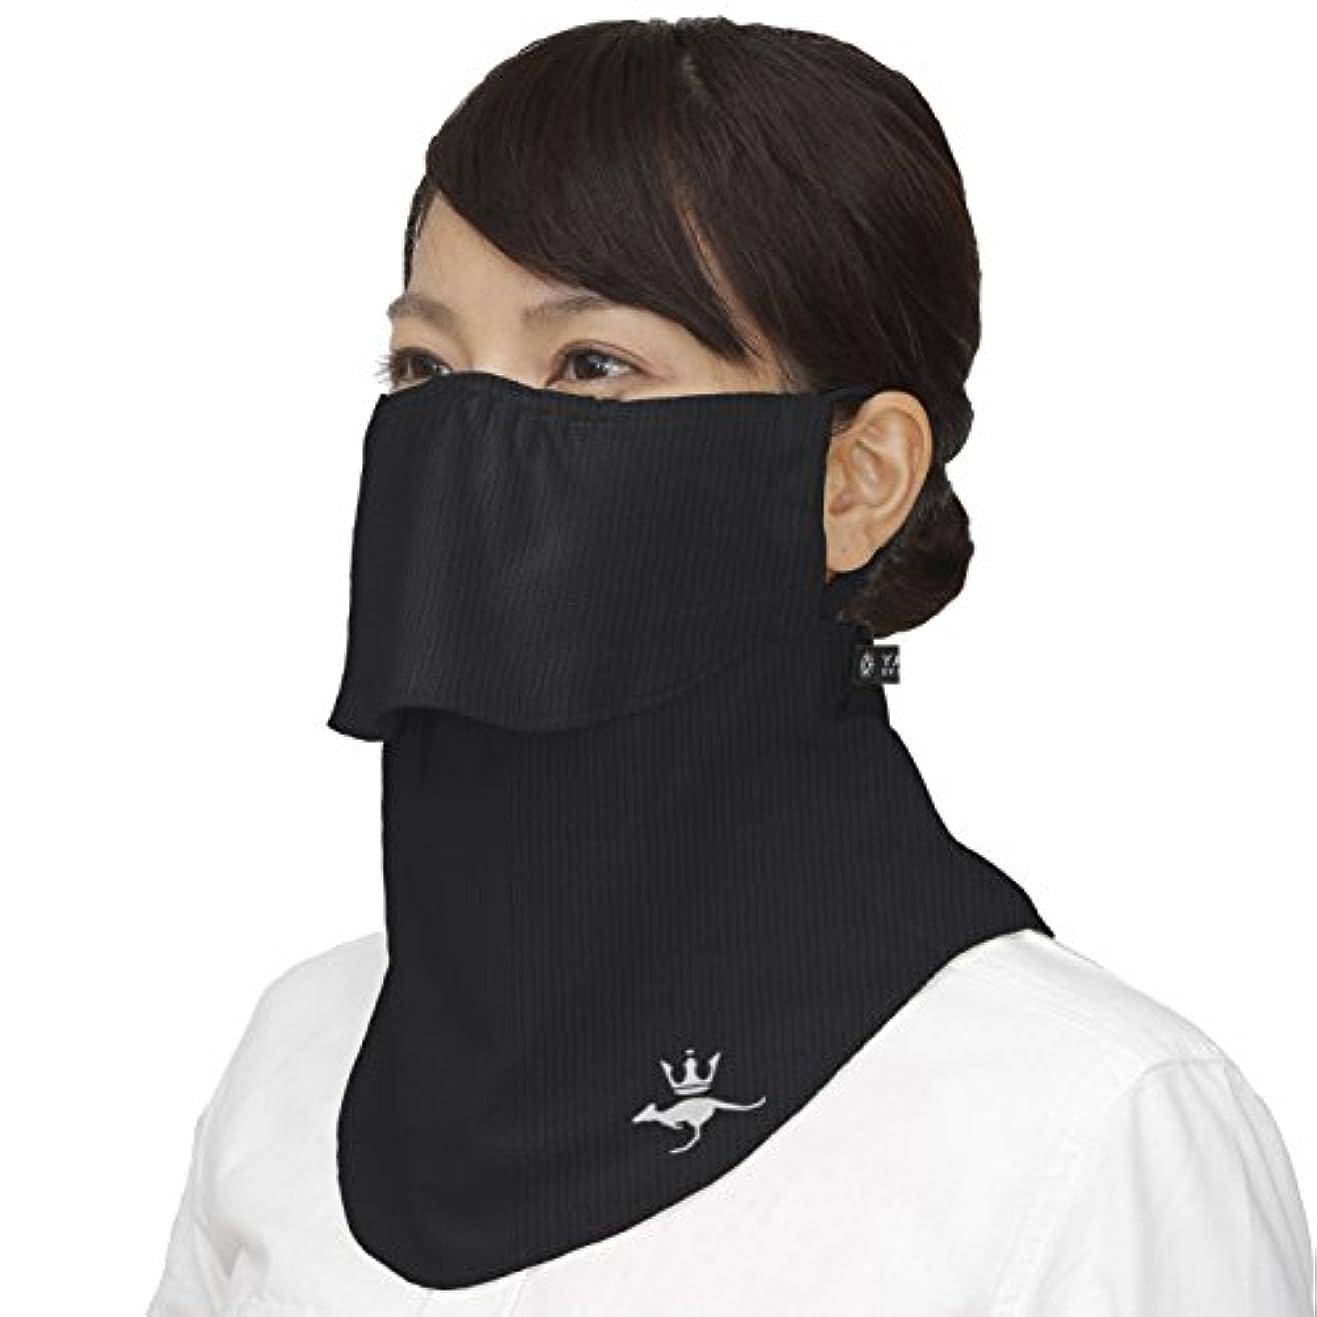 証言カロリーアジャ(シンプソン)Simpson 息苦しくない 紫外線防止 レディース 日焼け防止 UVカット フェイスマスク フェイスカバー STA-M02